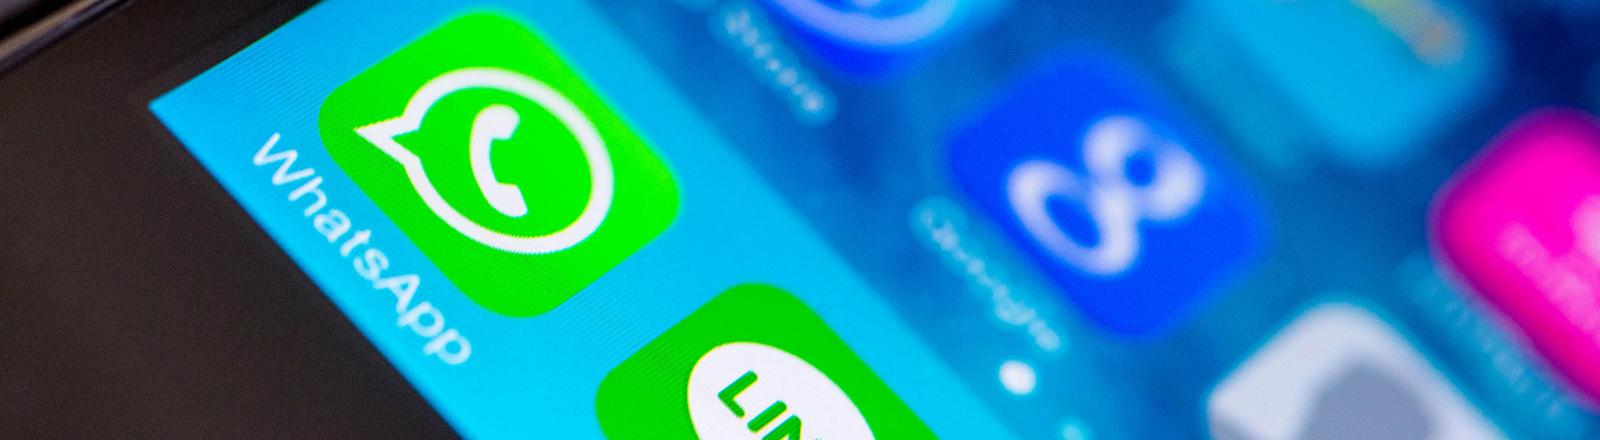 """In der Schnellstartleiste eines iPhones liegen die Chat-Applikationen """"WhatsApp"""" und """"Line"""" nebeneinander."""